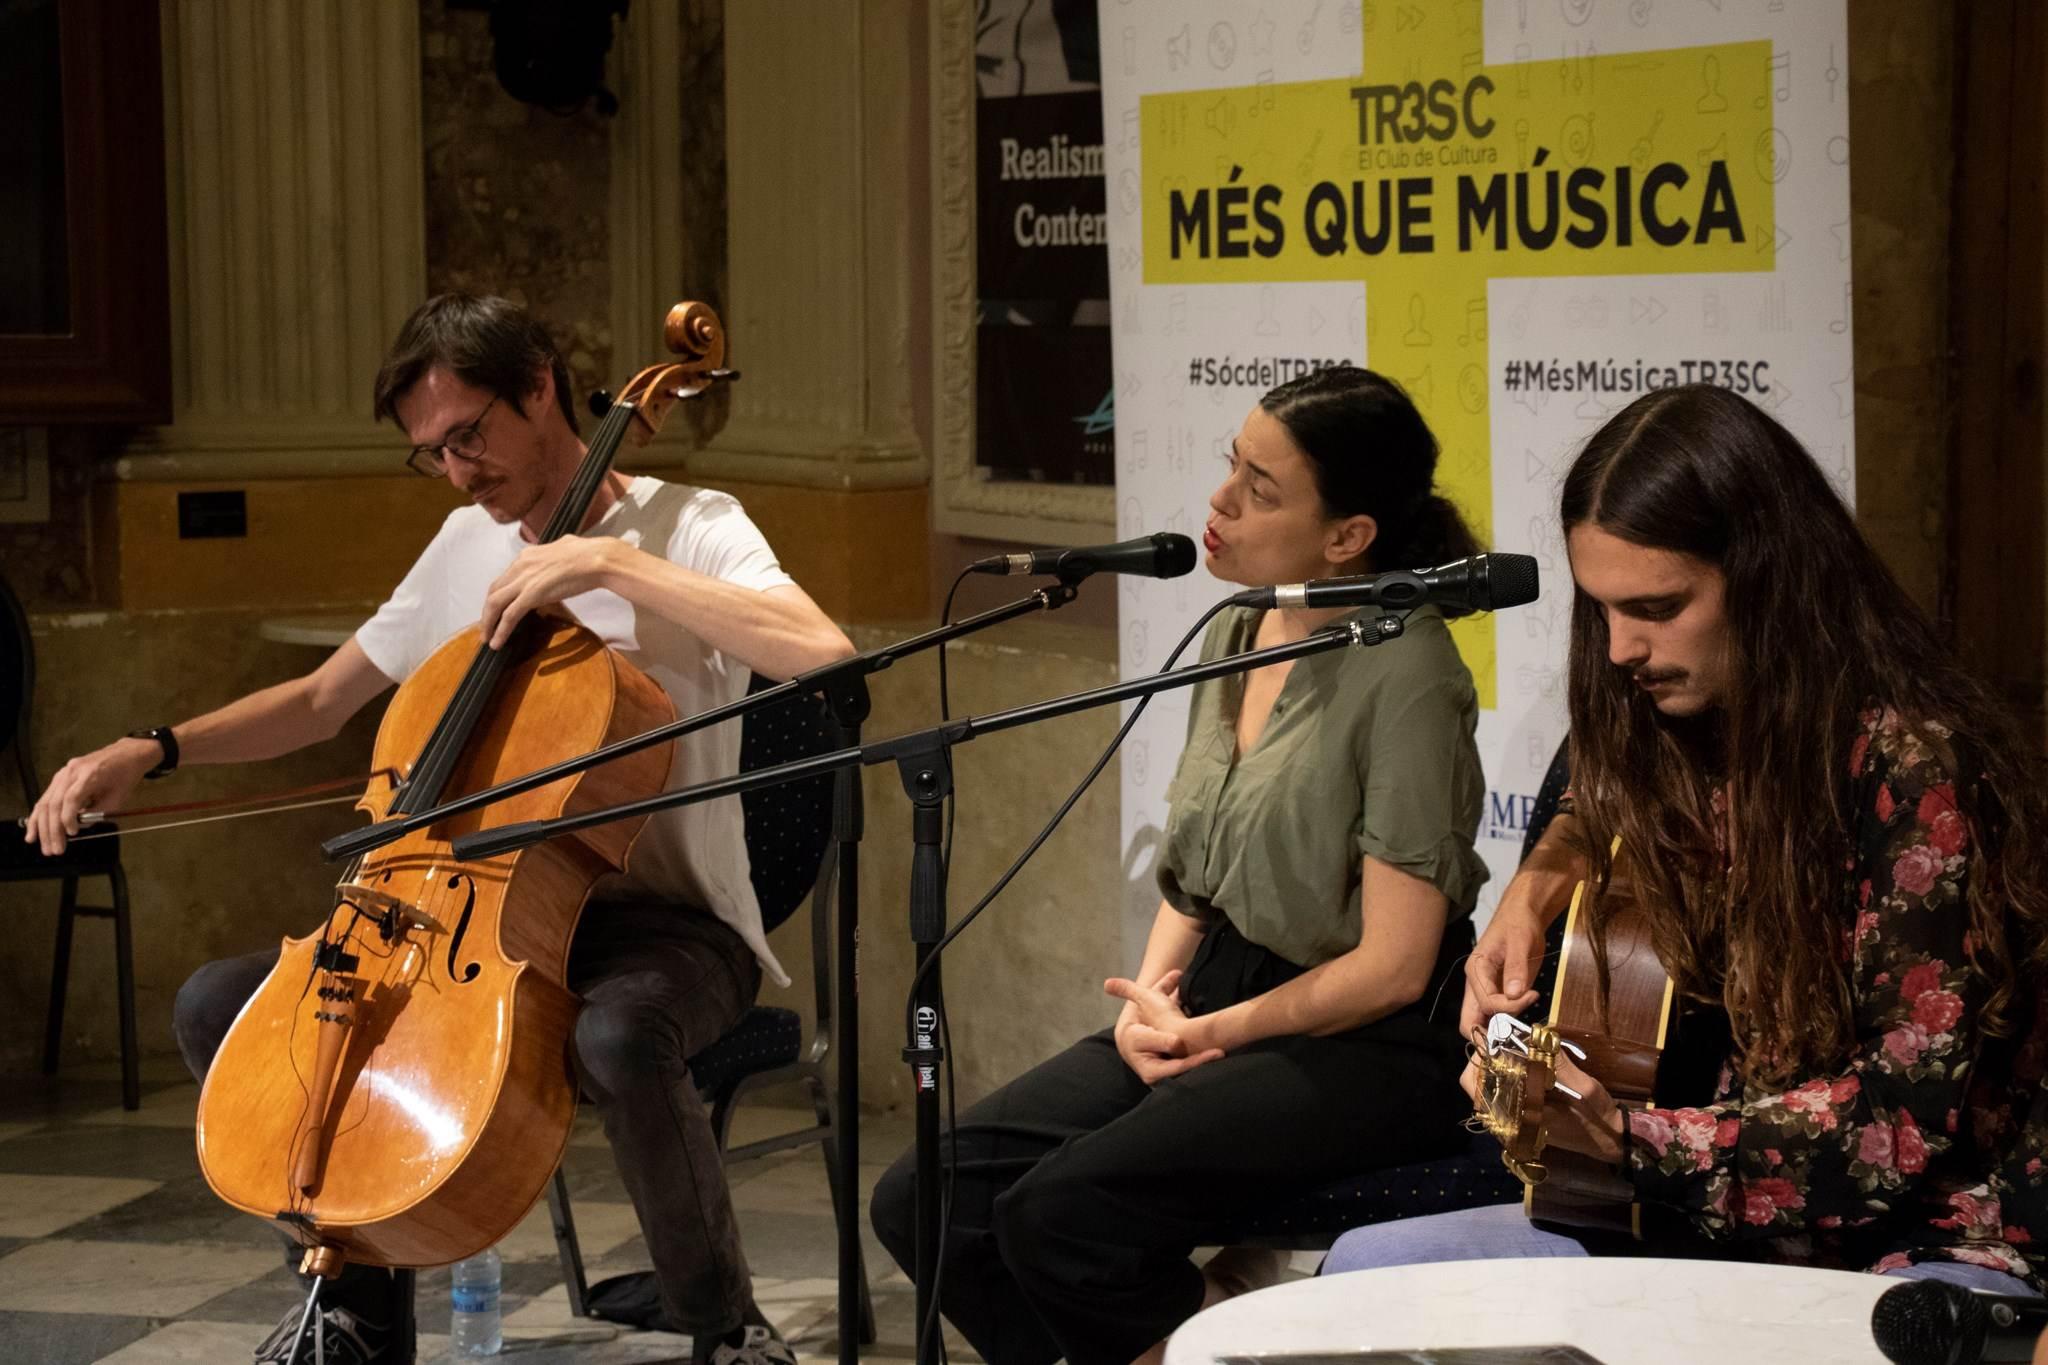 #MésQueMúsica amb Nubla presentant el disc 'Multiplexpo'